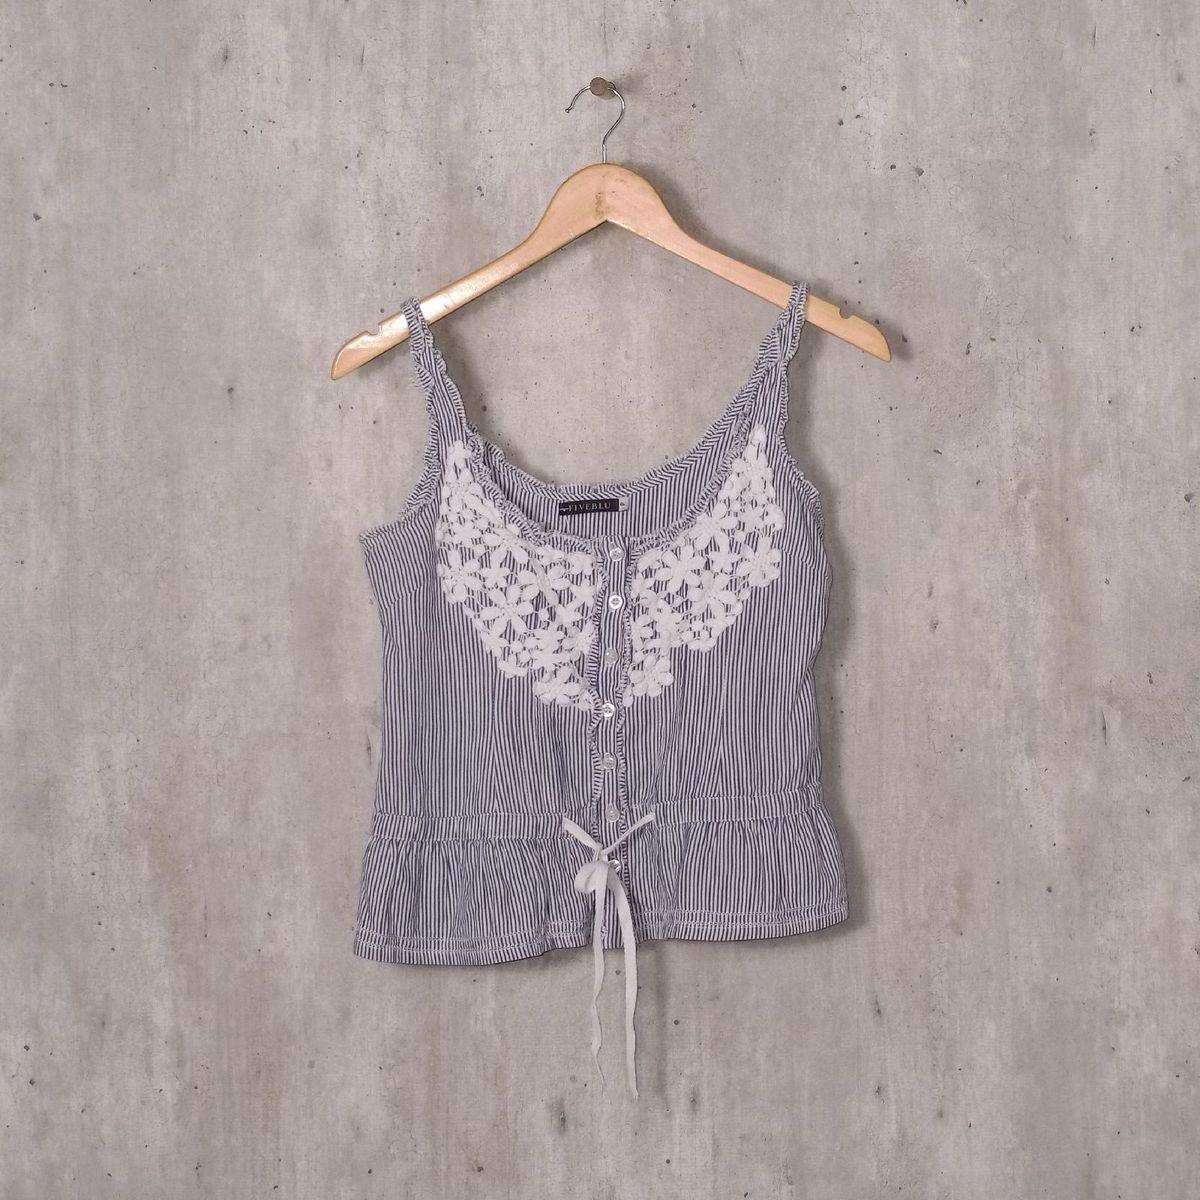 blusinha com listras e renda - blusas fiveblu